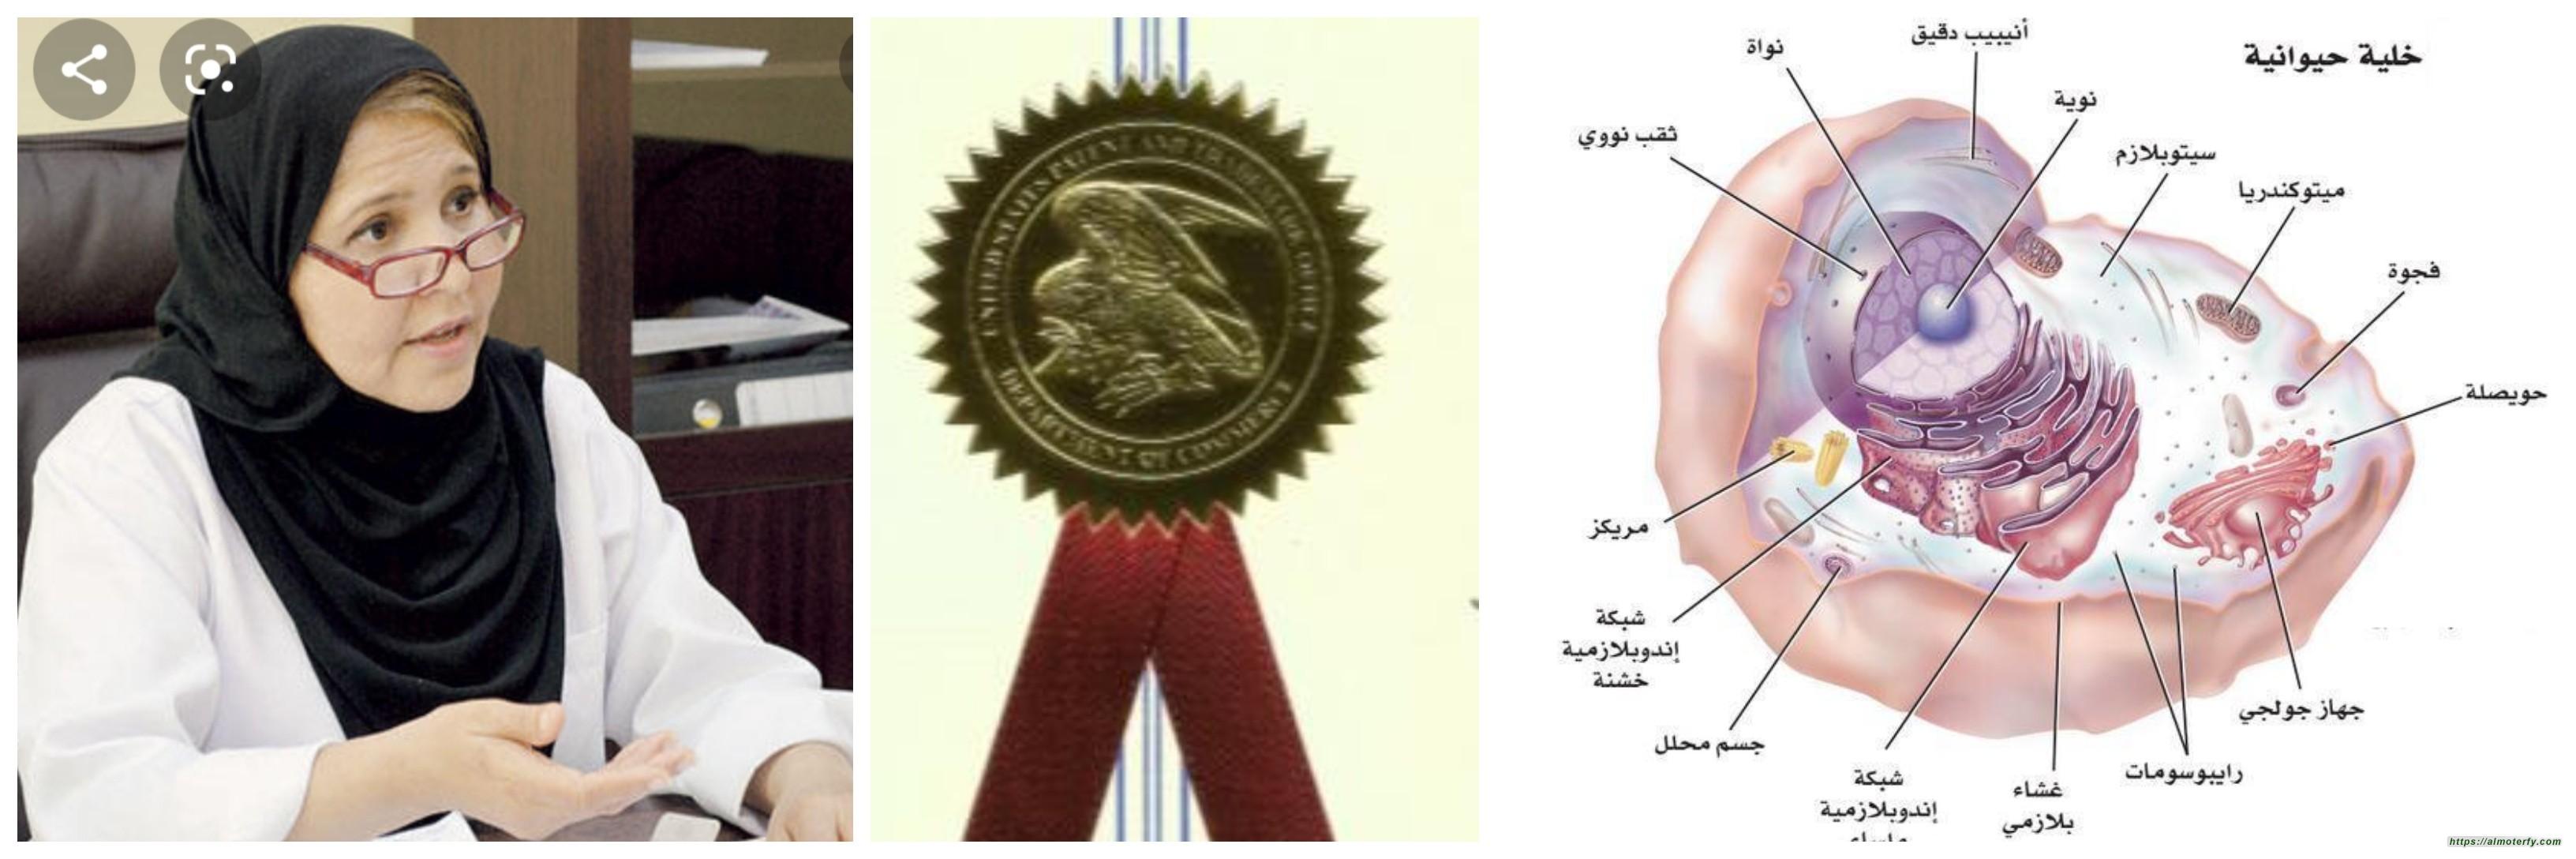 المنصور : السعودية الأعلى عالمياً في هشاشة العظام ولدينا العلاج الأمثل ..